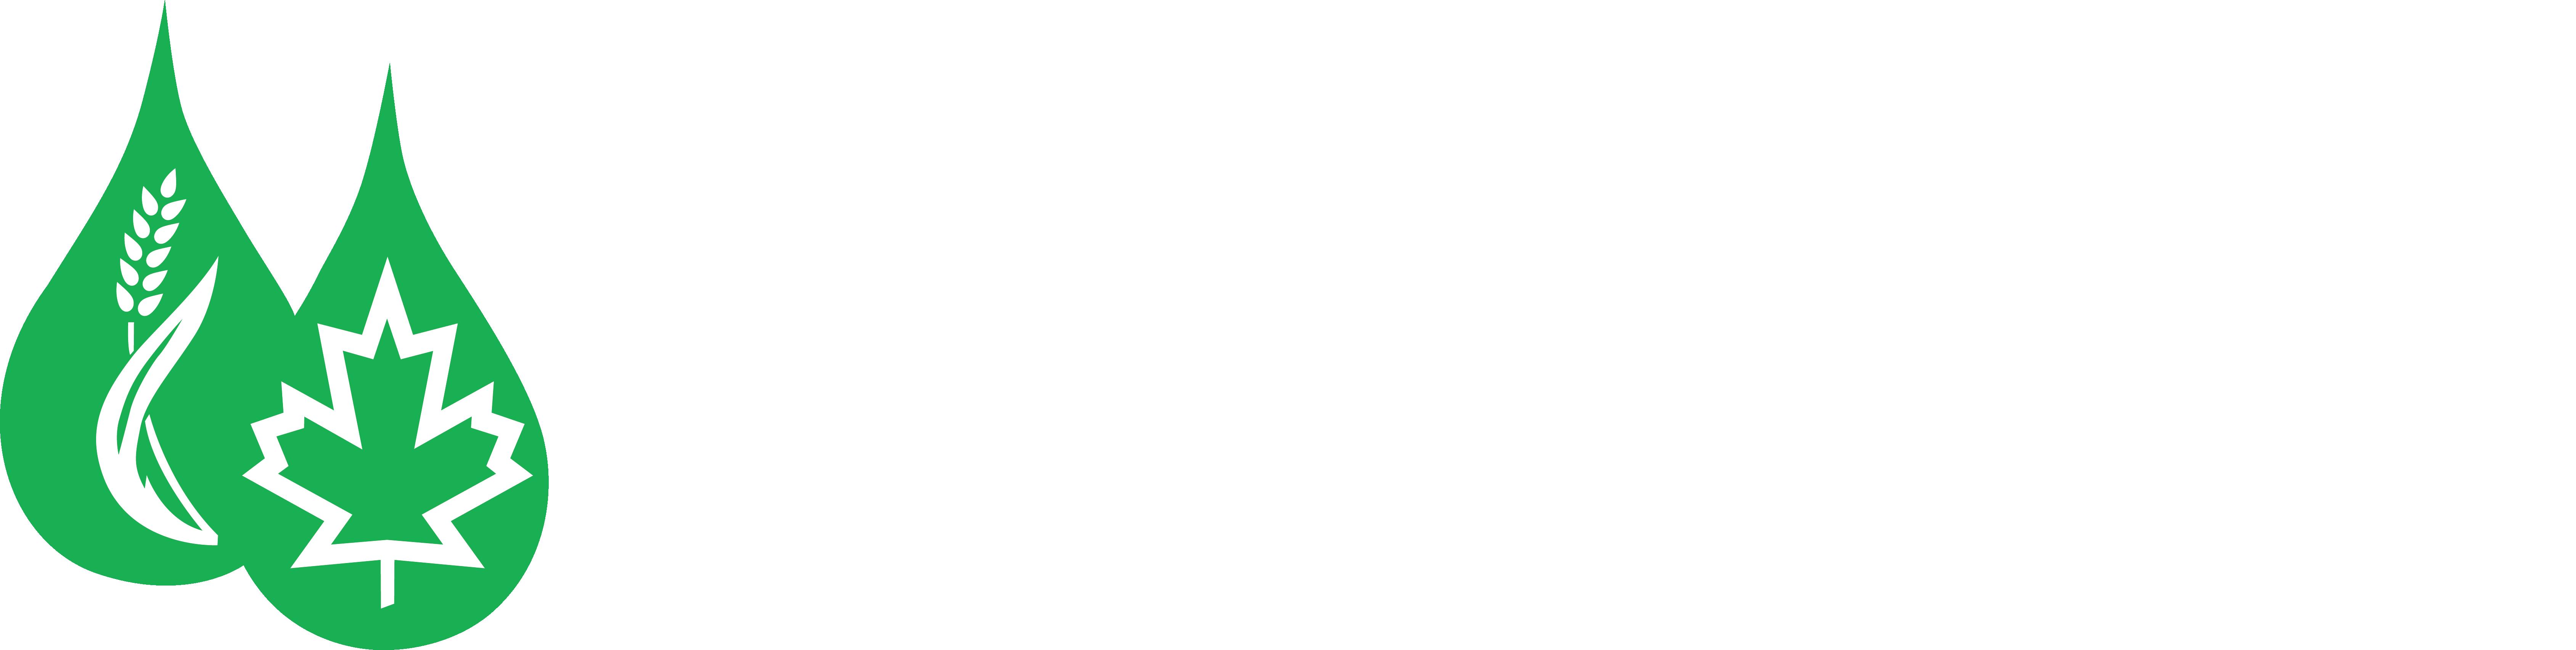 Shur-Gro-logo